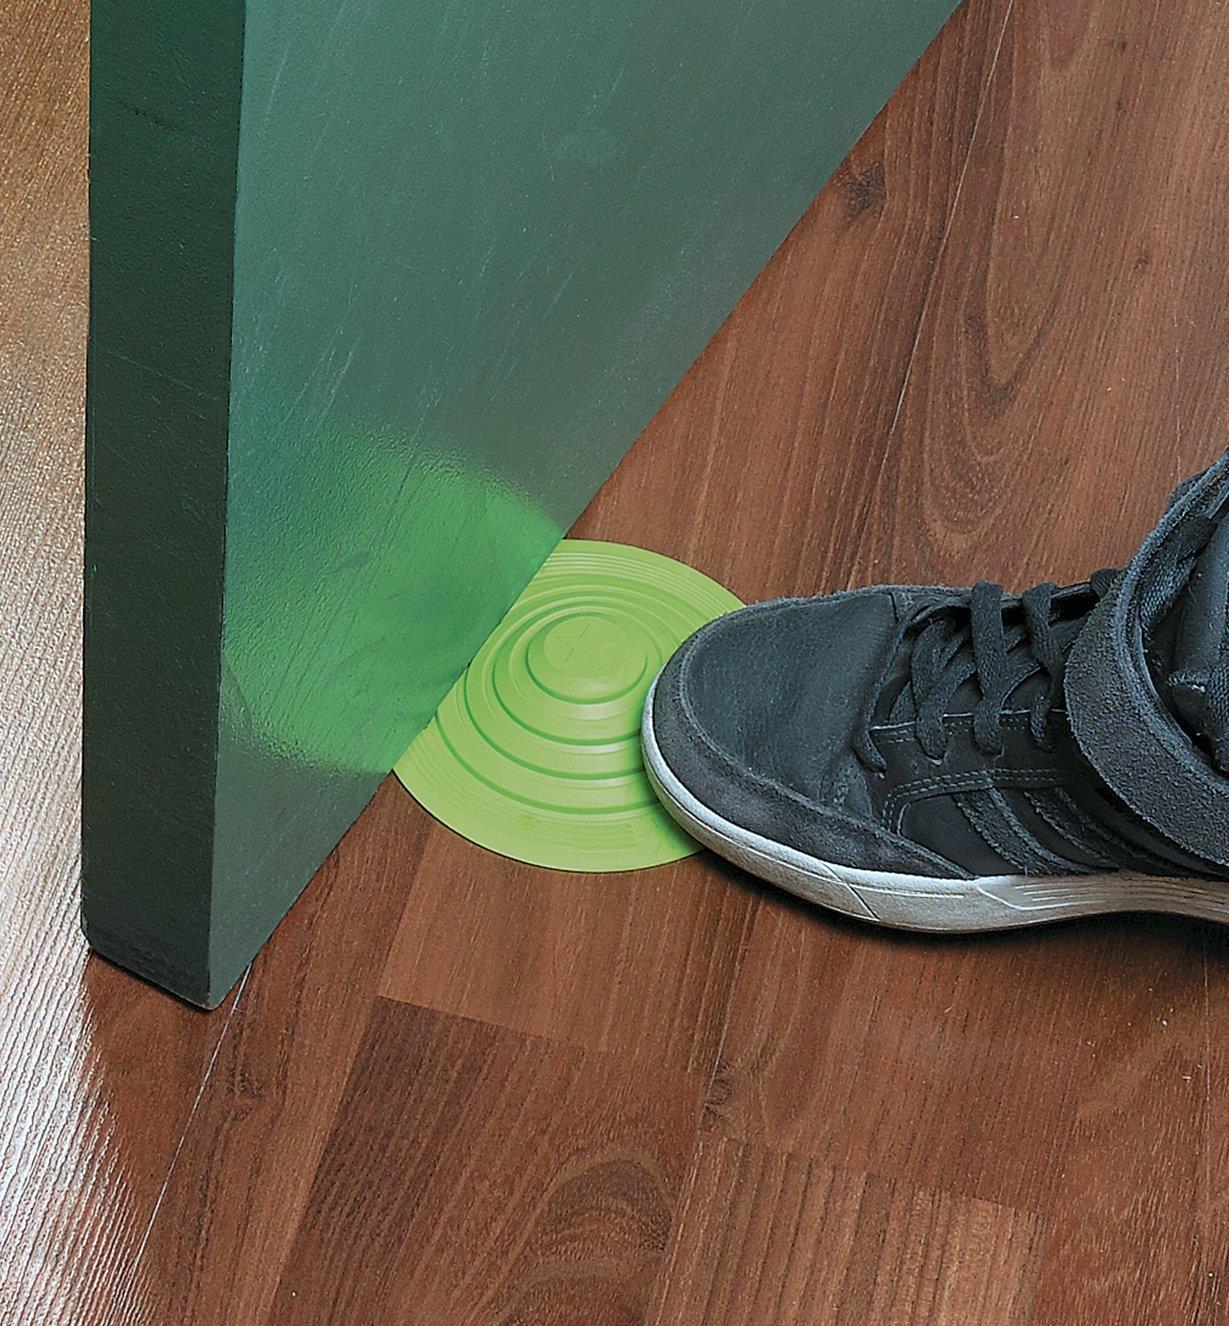 Pushing a No-Stoop Doorstop under a door